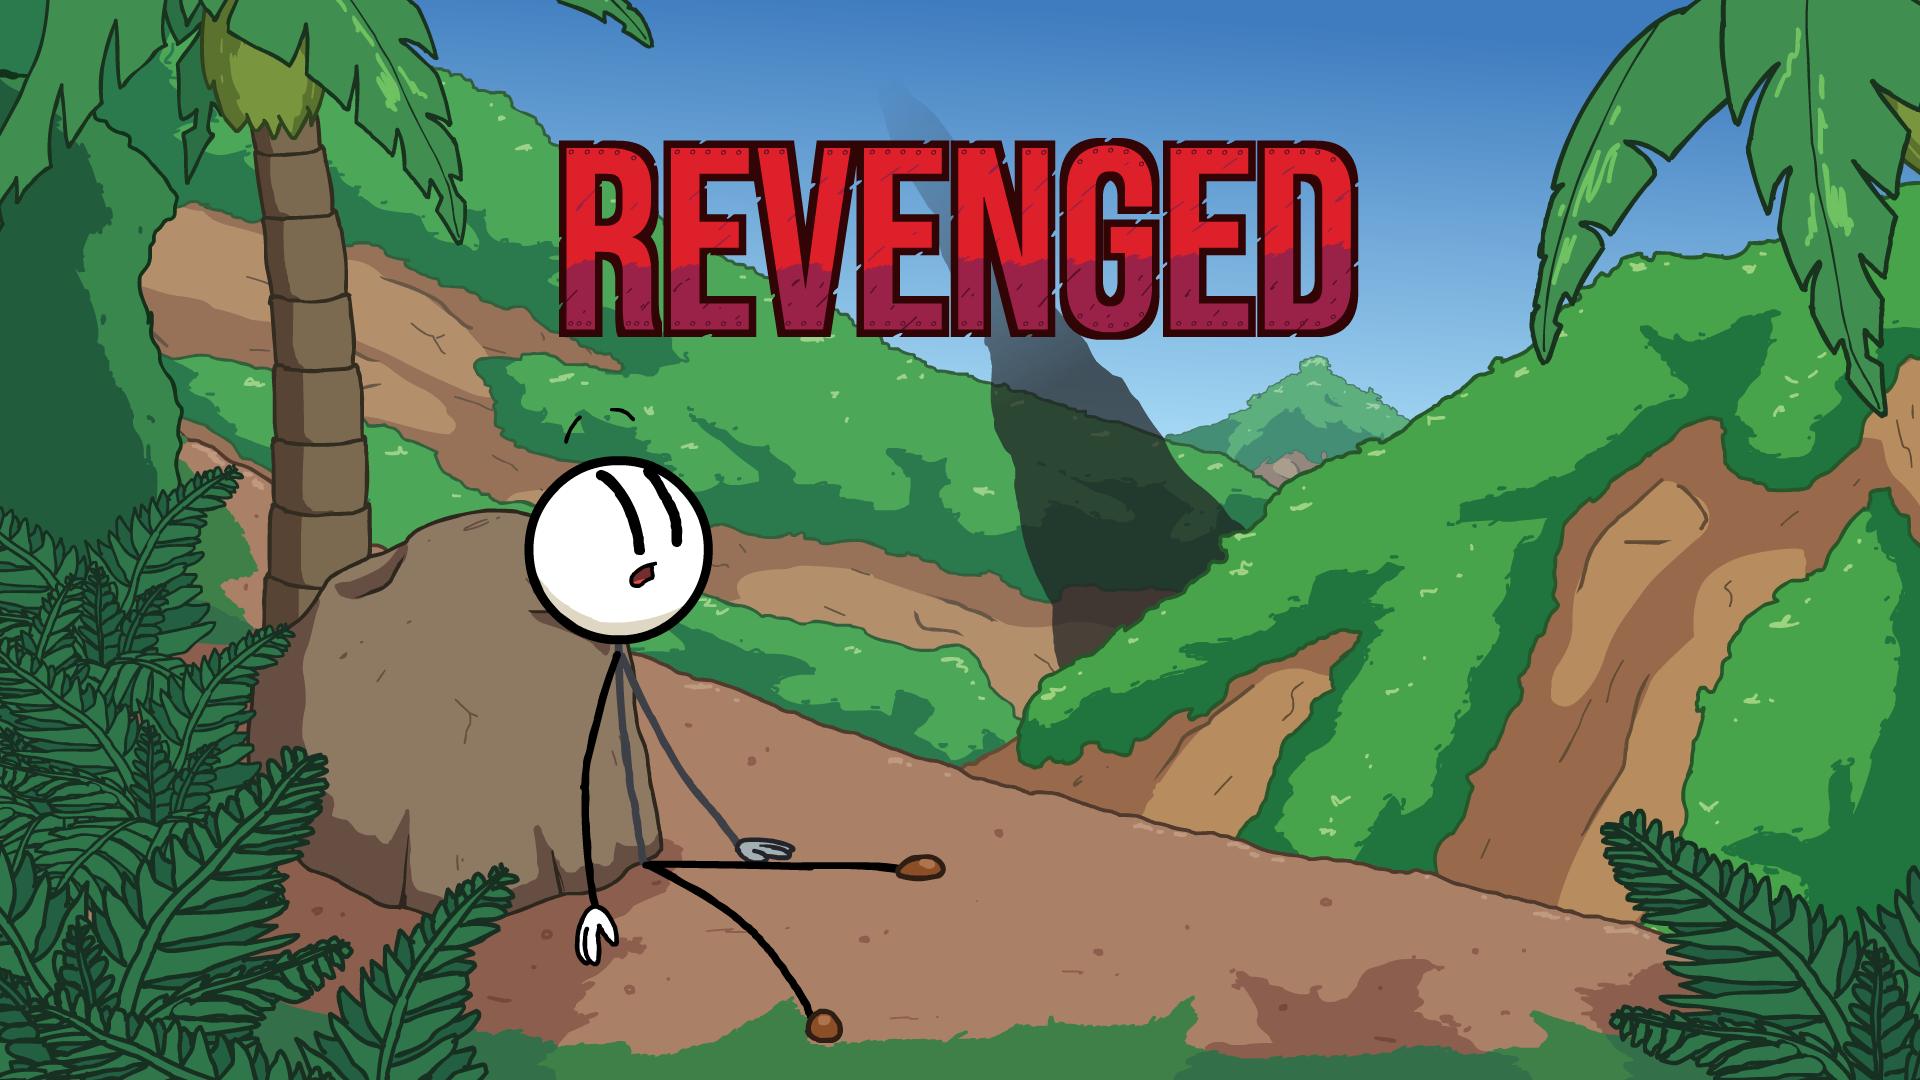 Revenged